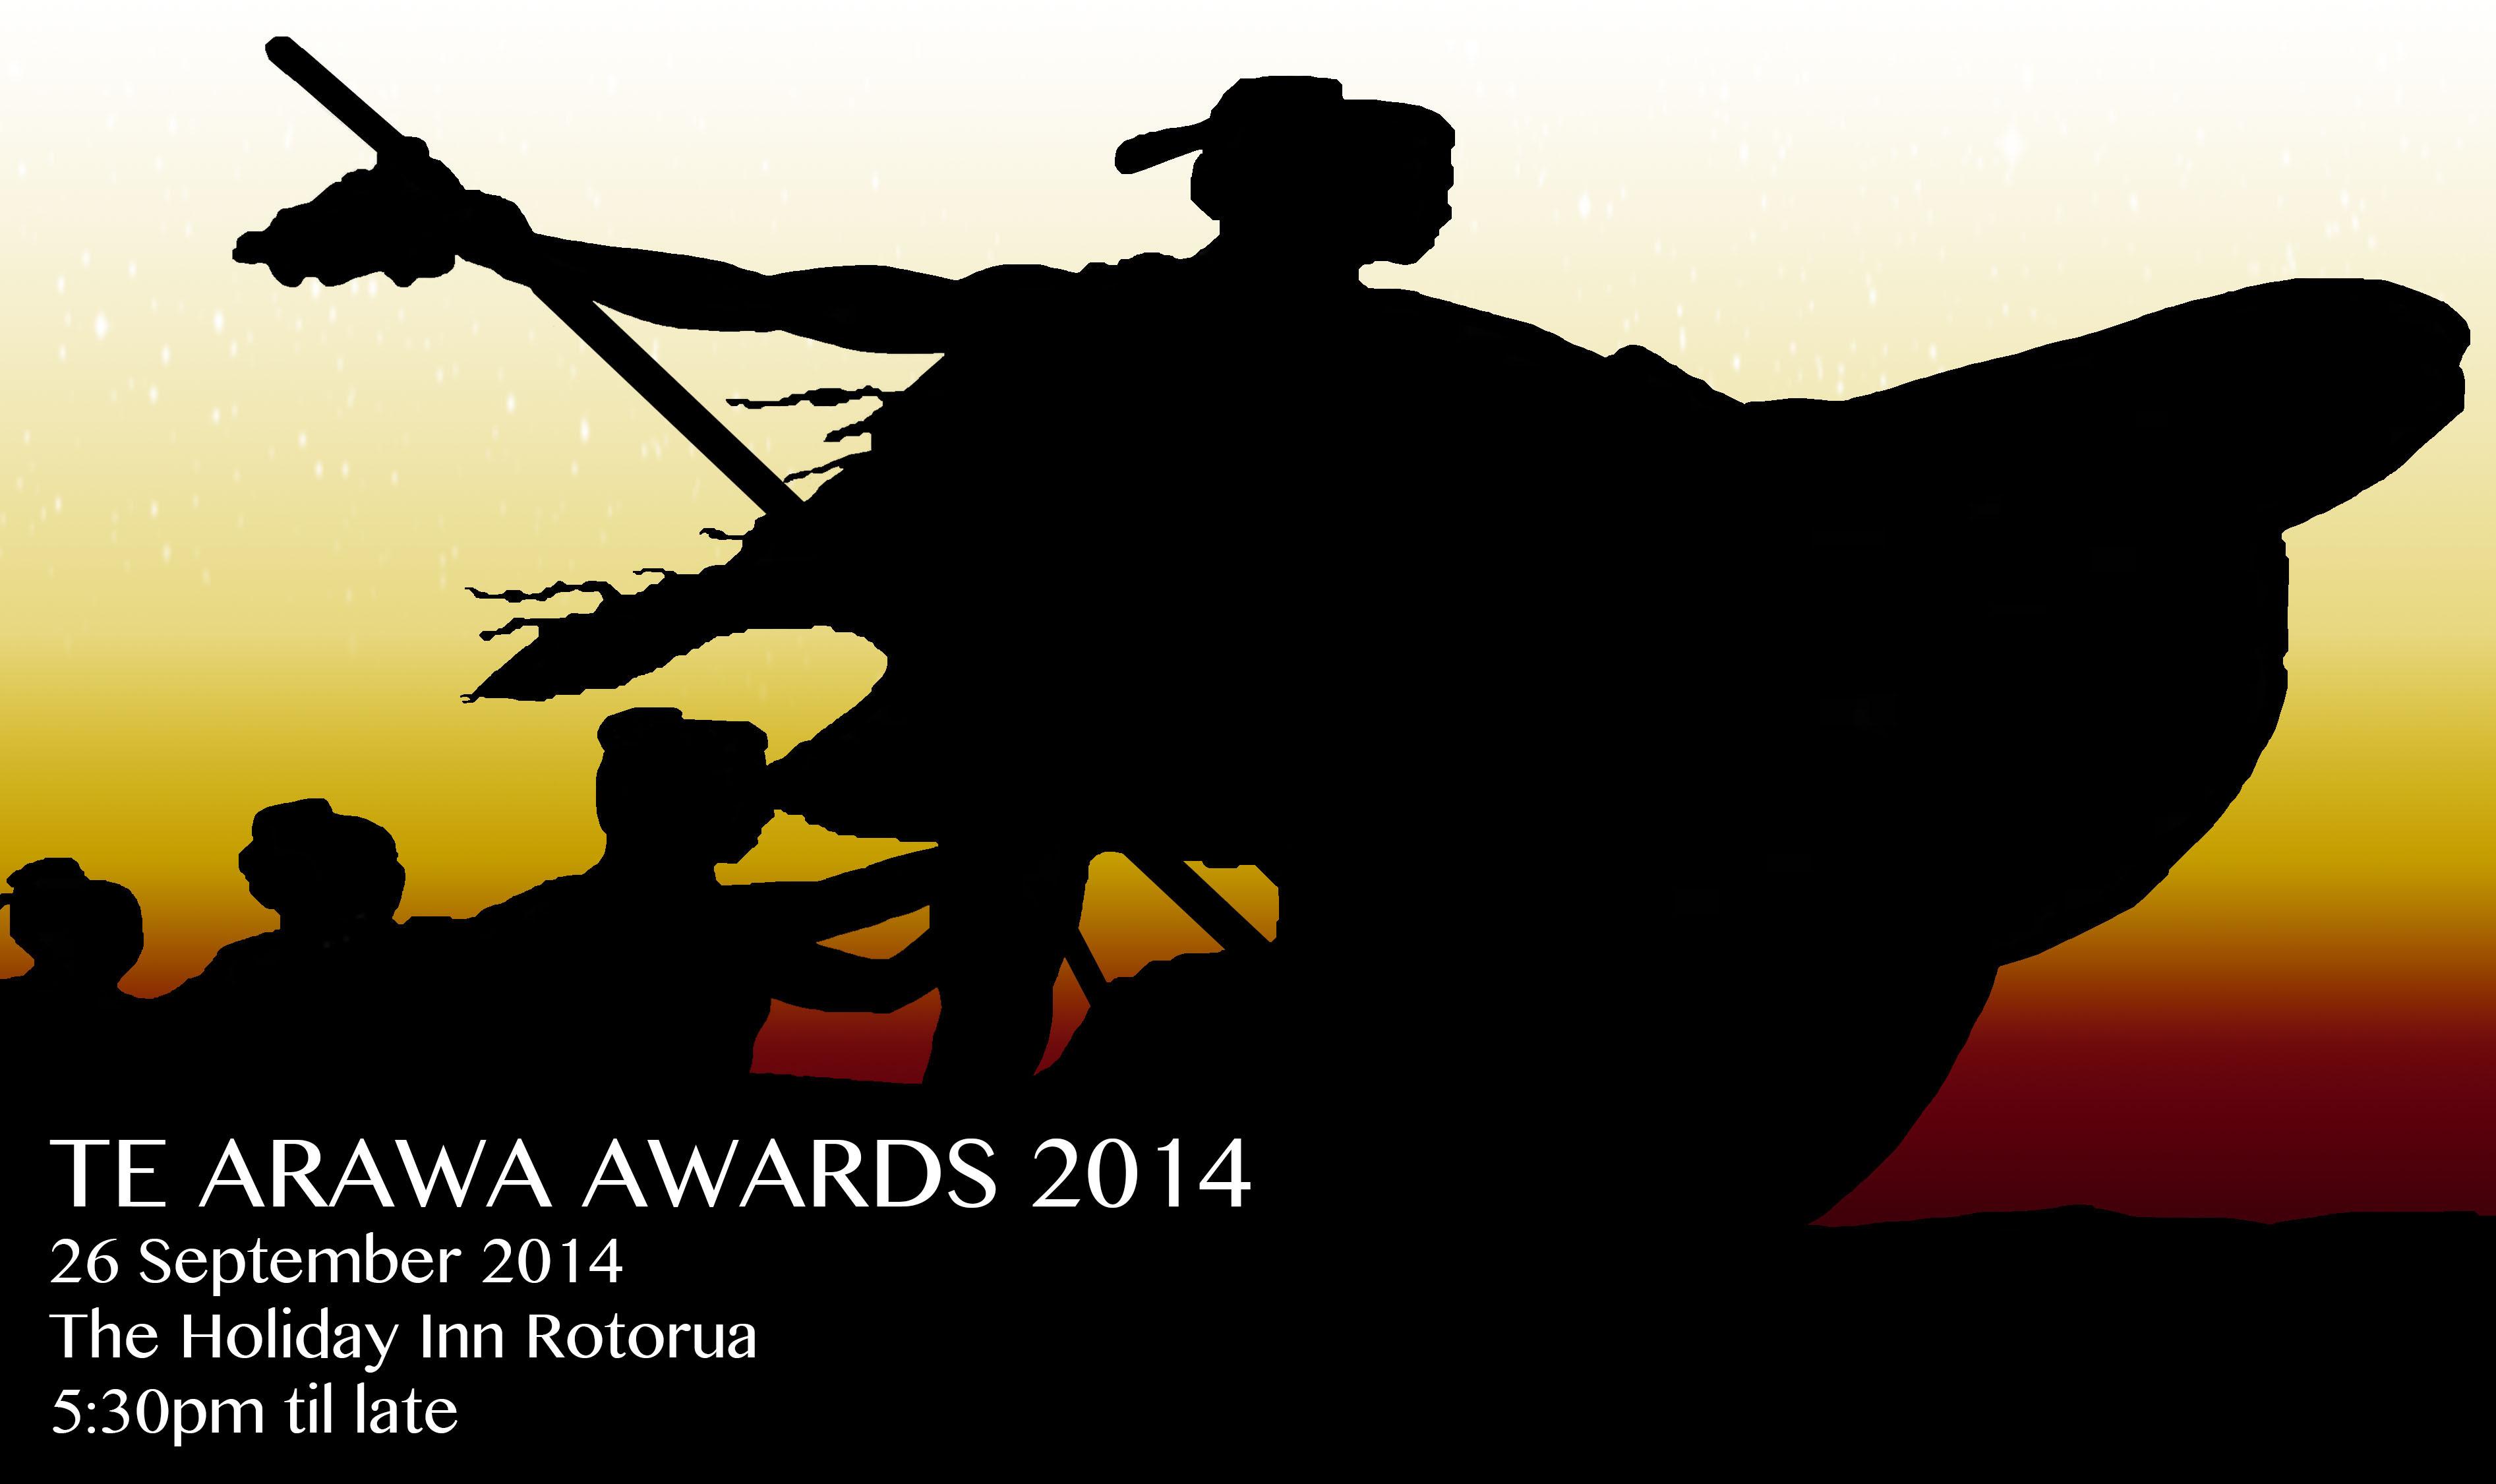 Te Arawa Awards 2014